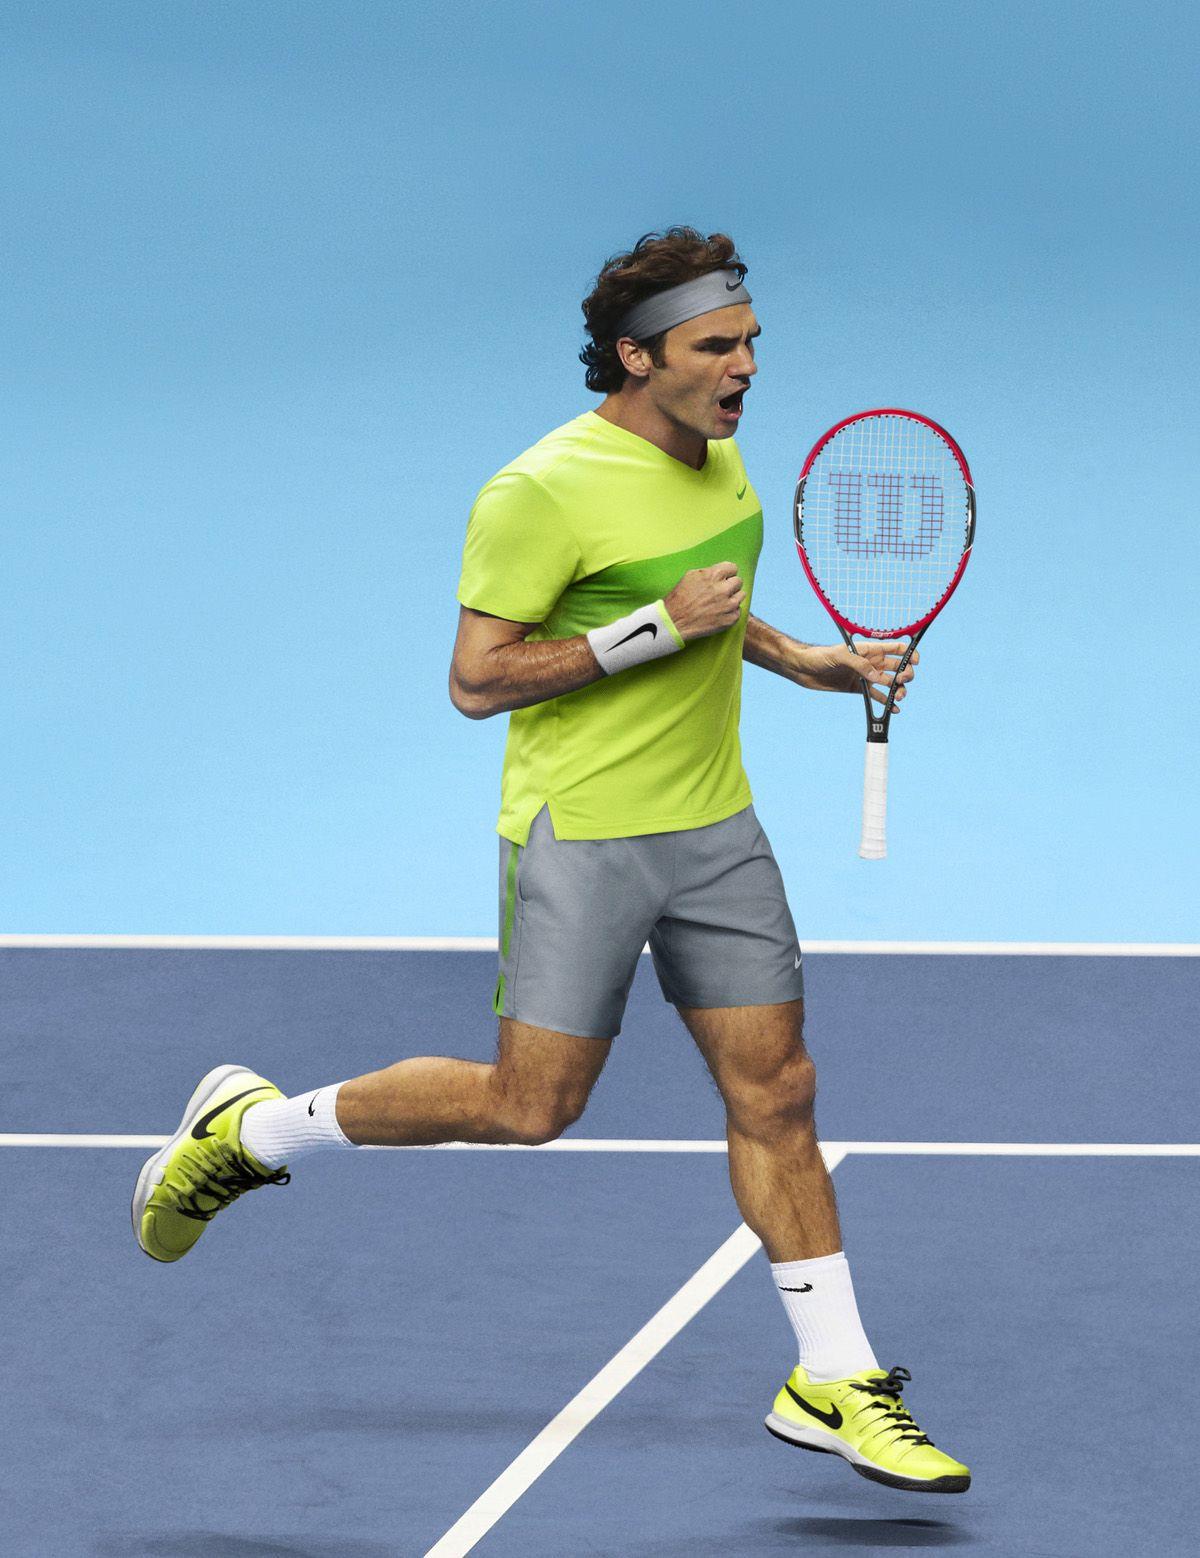 nike tennis australian open 2015